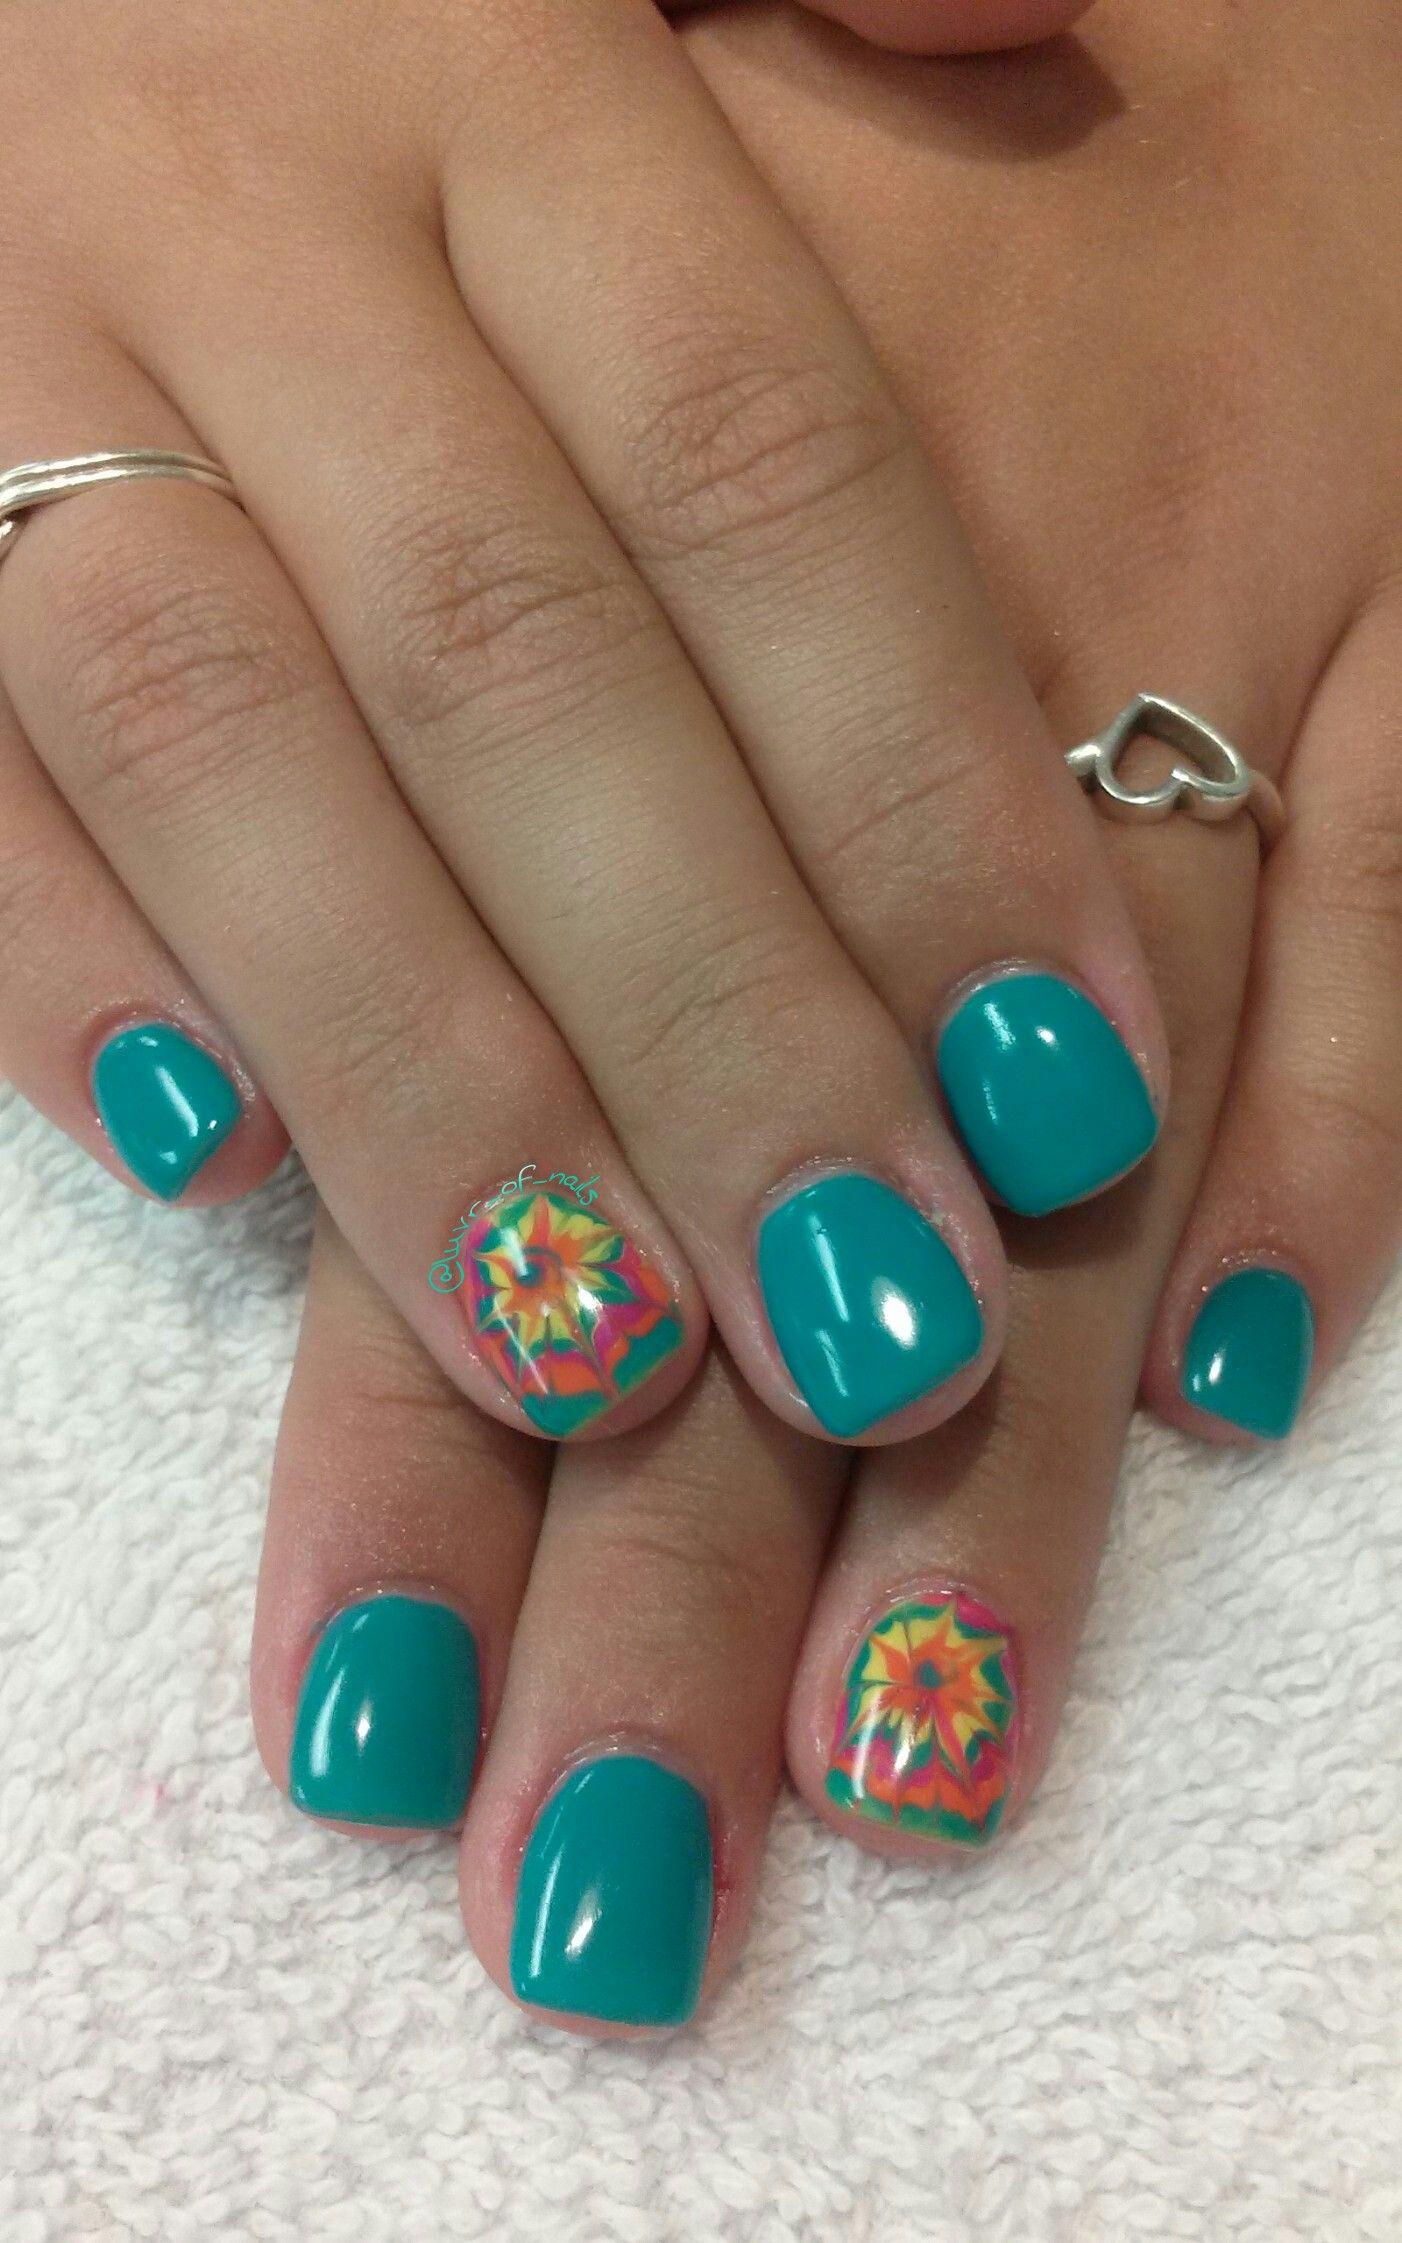 Tie Dye Nail Art Love These Nails Pinterest Tie Dye Nails